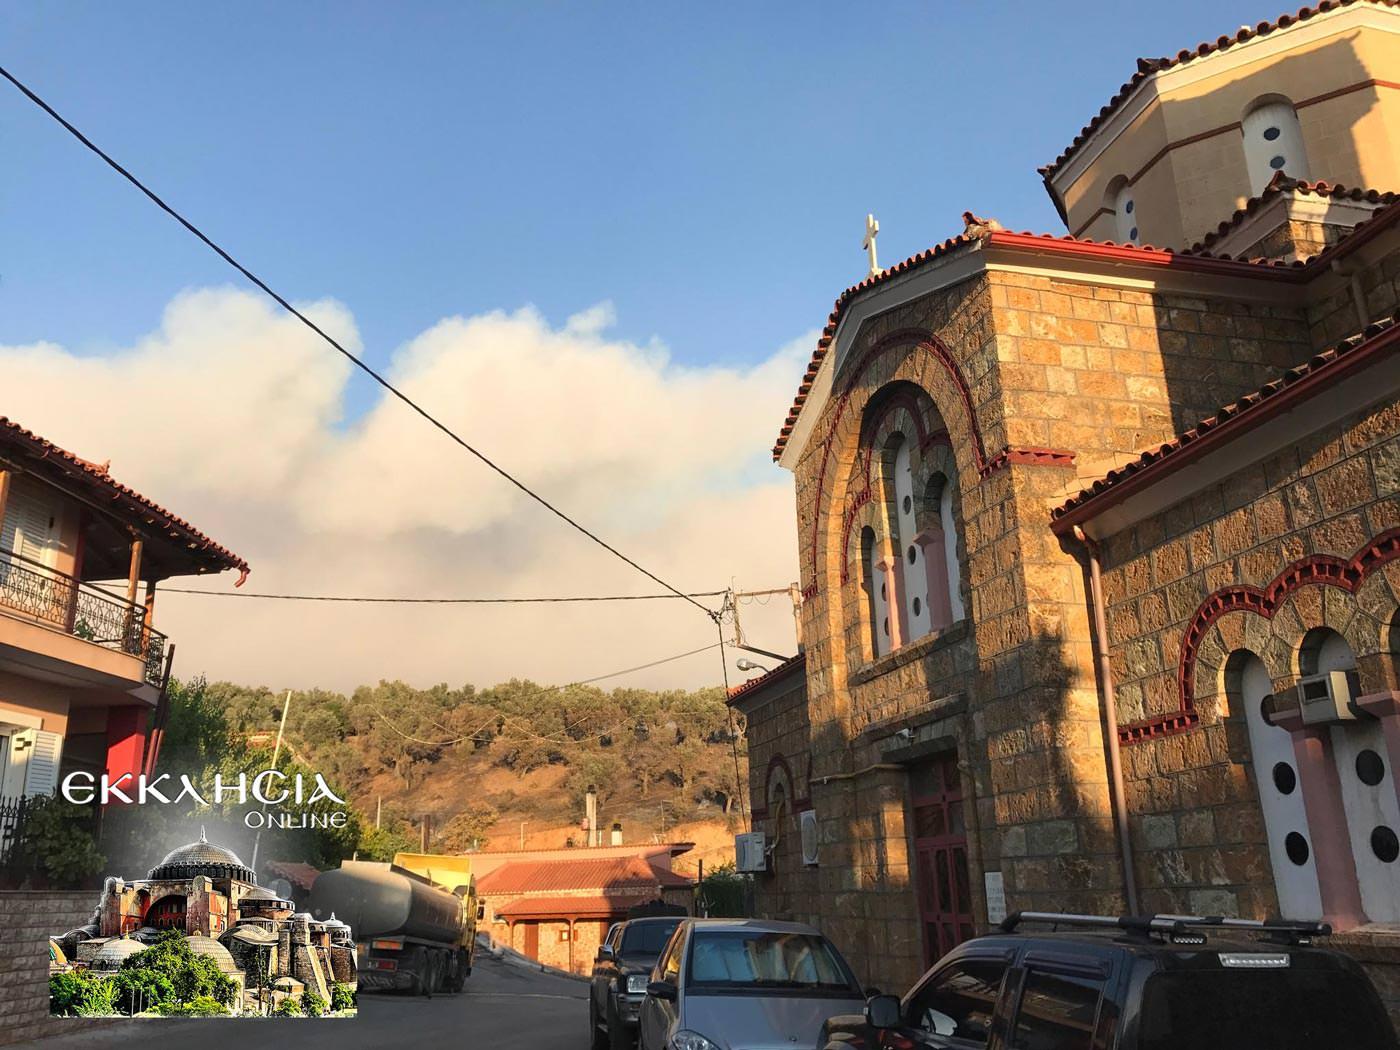 Εκκλησία Εύβοια 2019